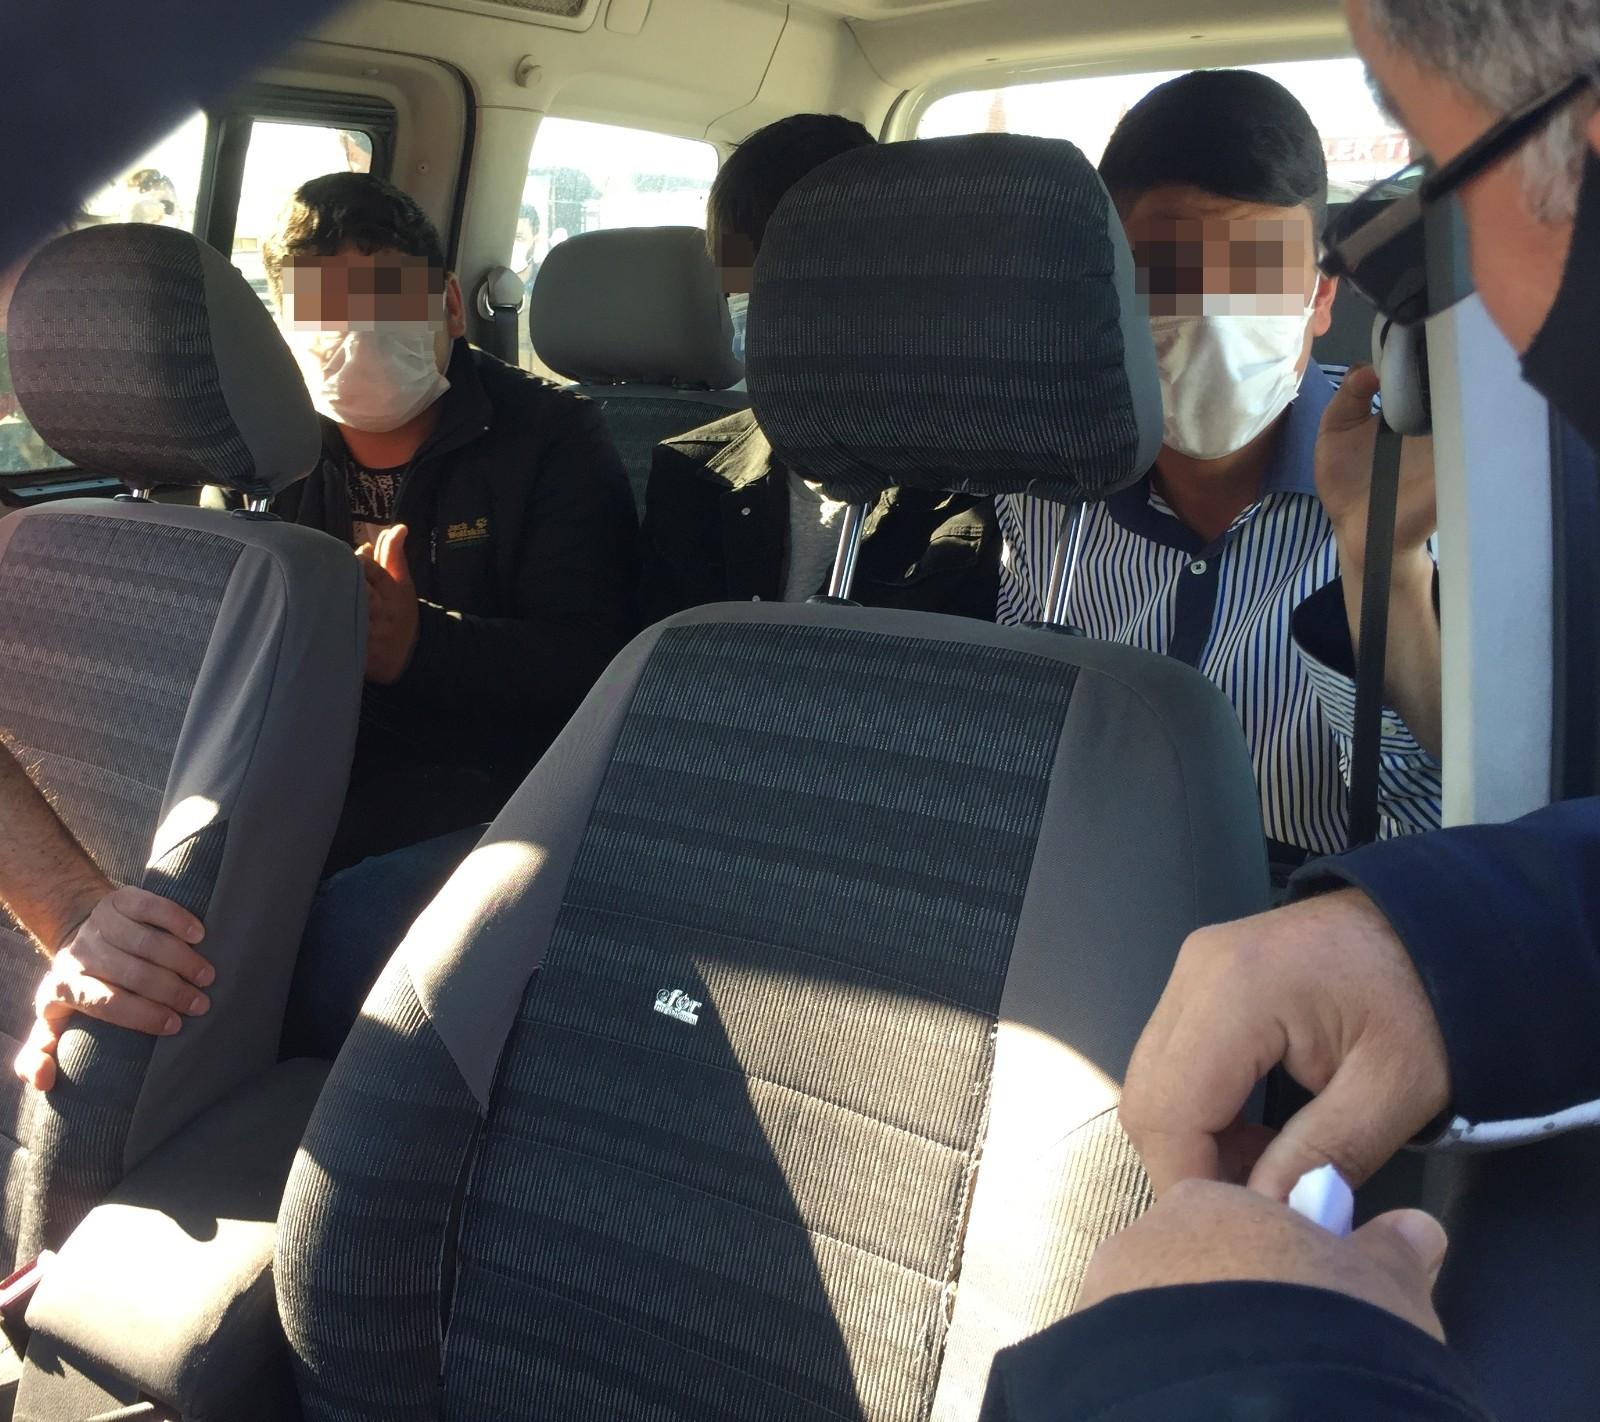 İncirlik'te havaya ateş eden çocuklar paniğe neden oldu - Adana Haberleri